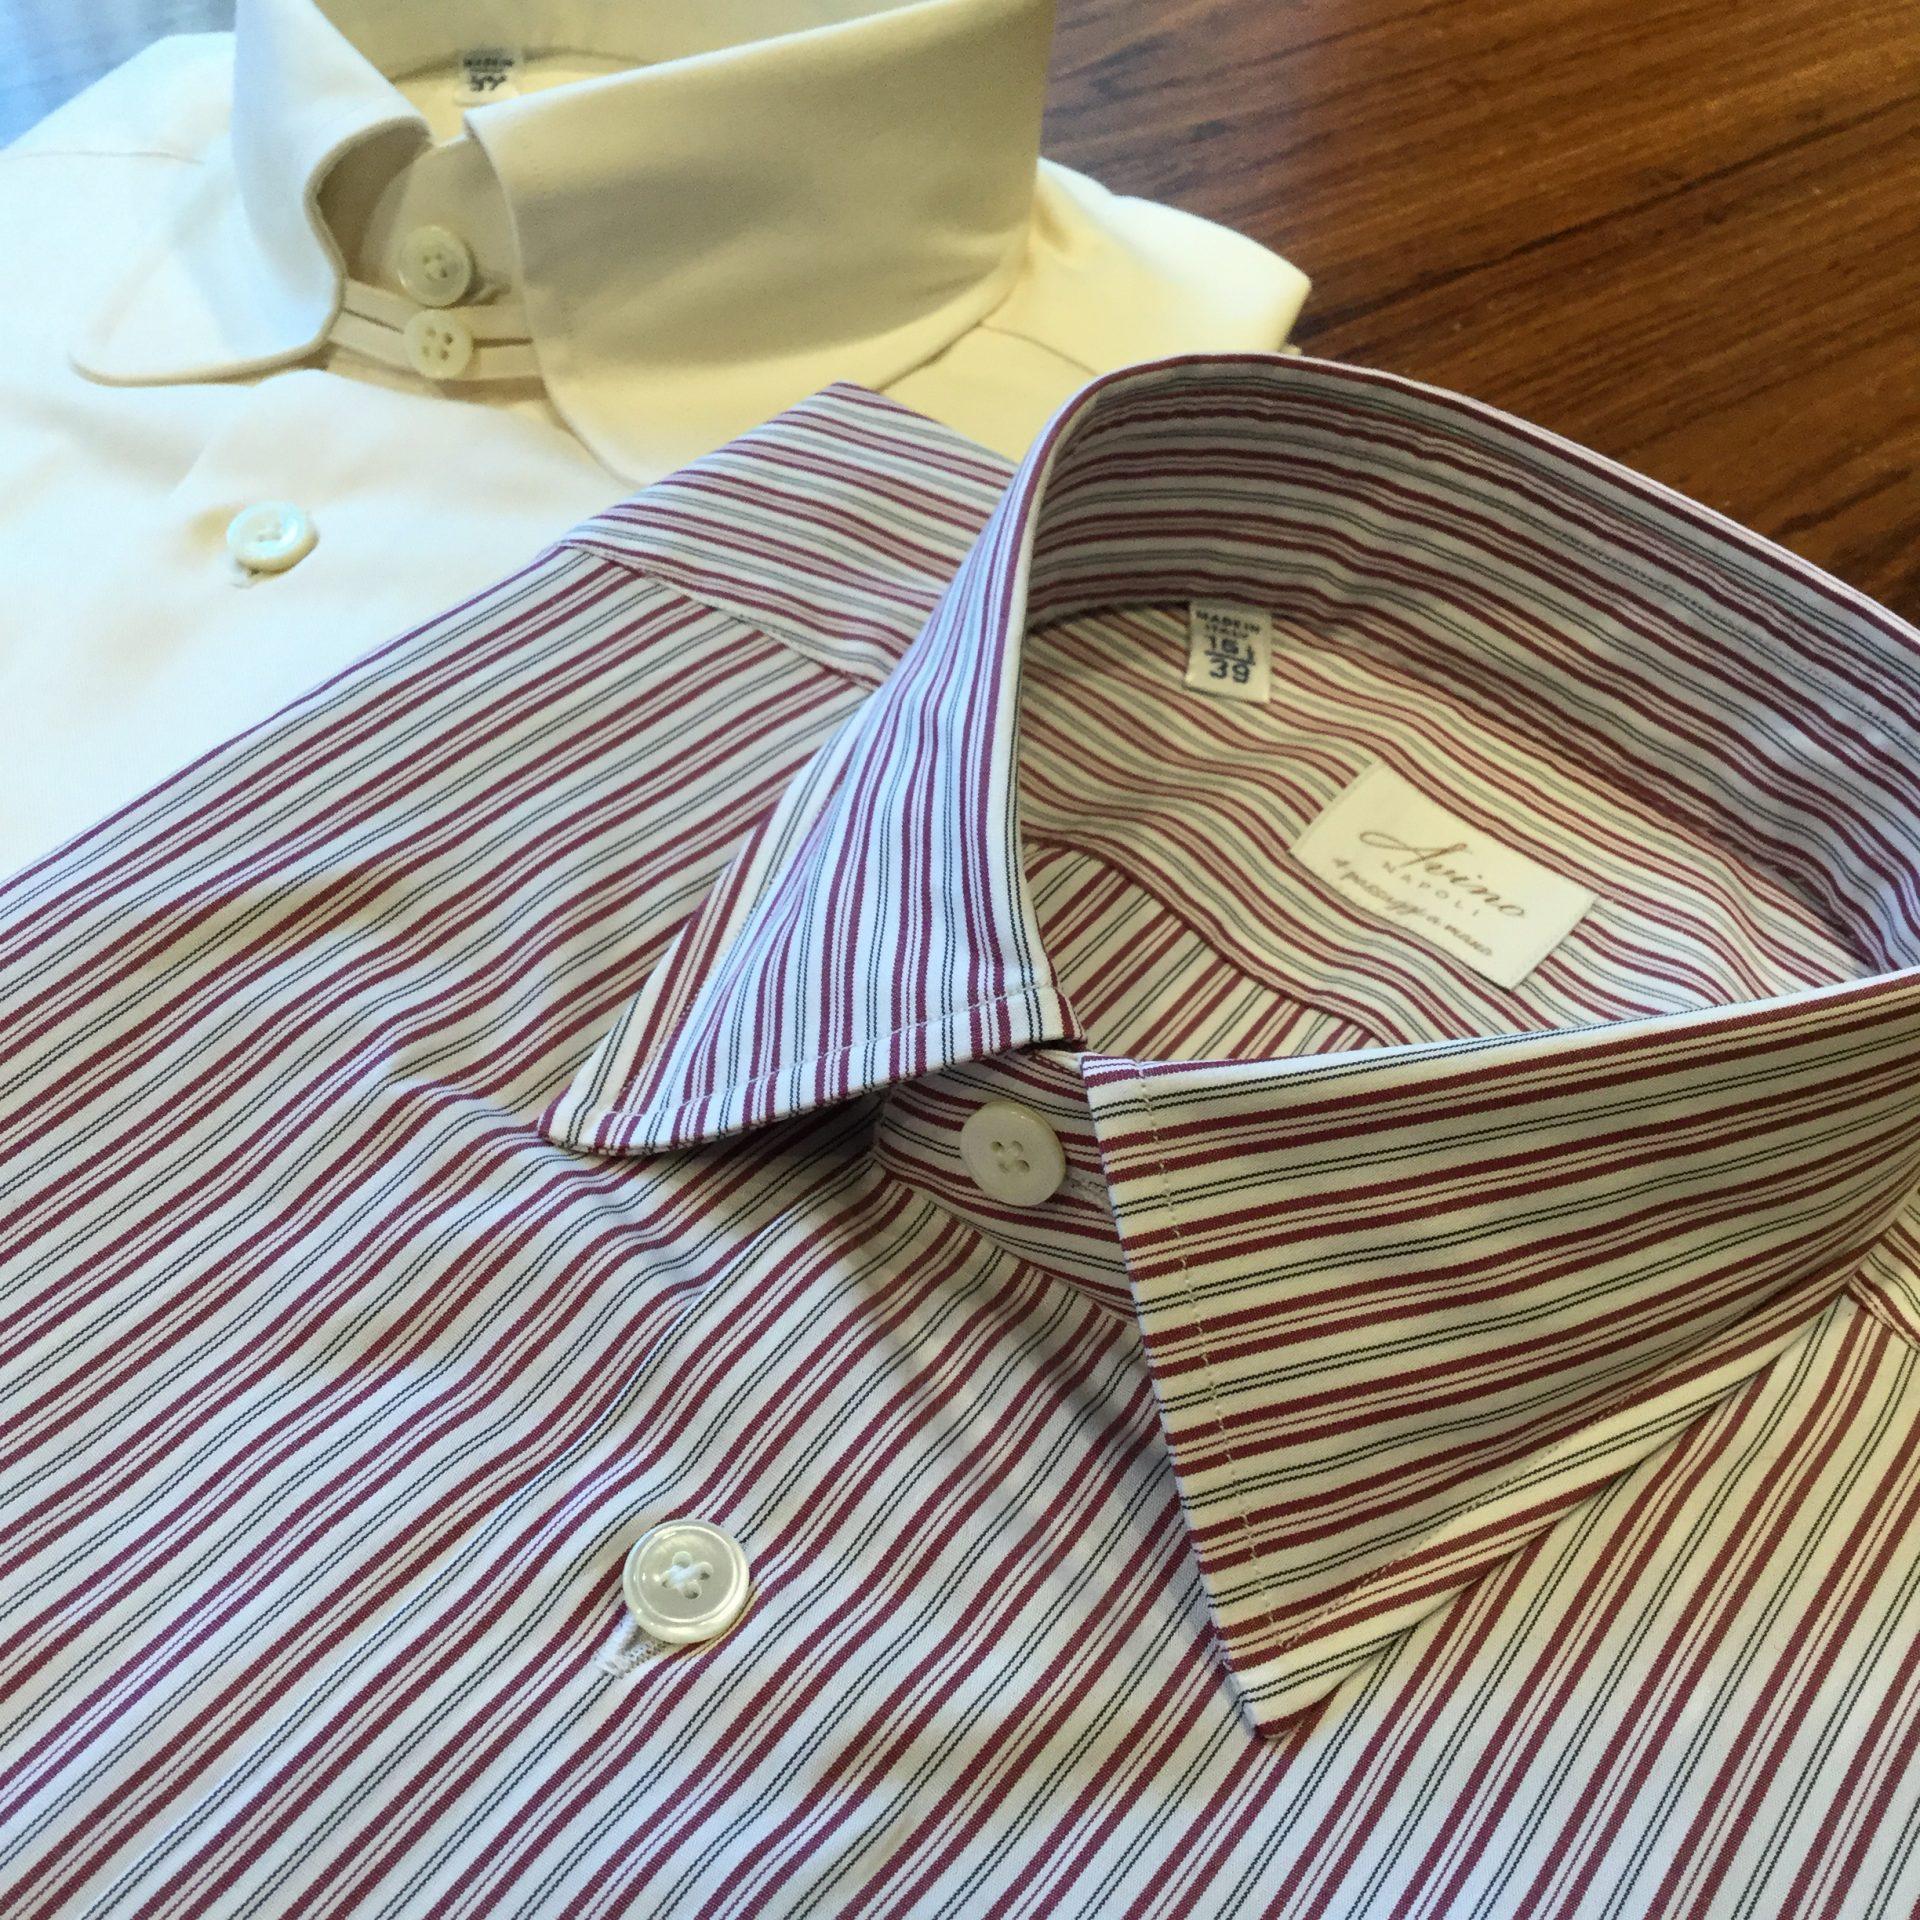 トリートジェントルマンがご紹介するアヴィーノラボラトリオナポレターノのオルタネートストライプシャツ